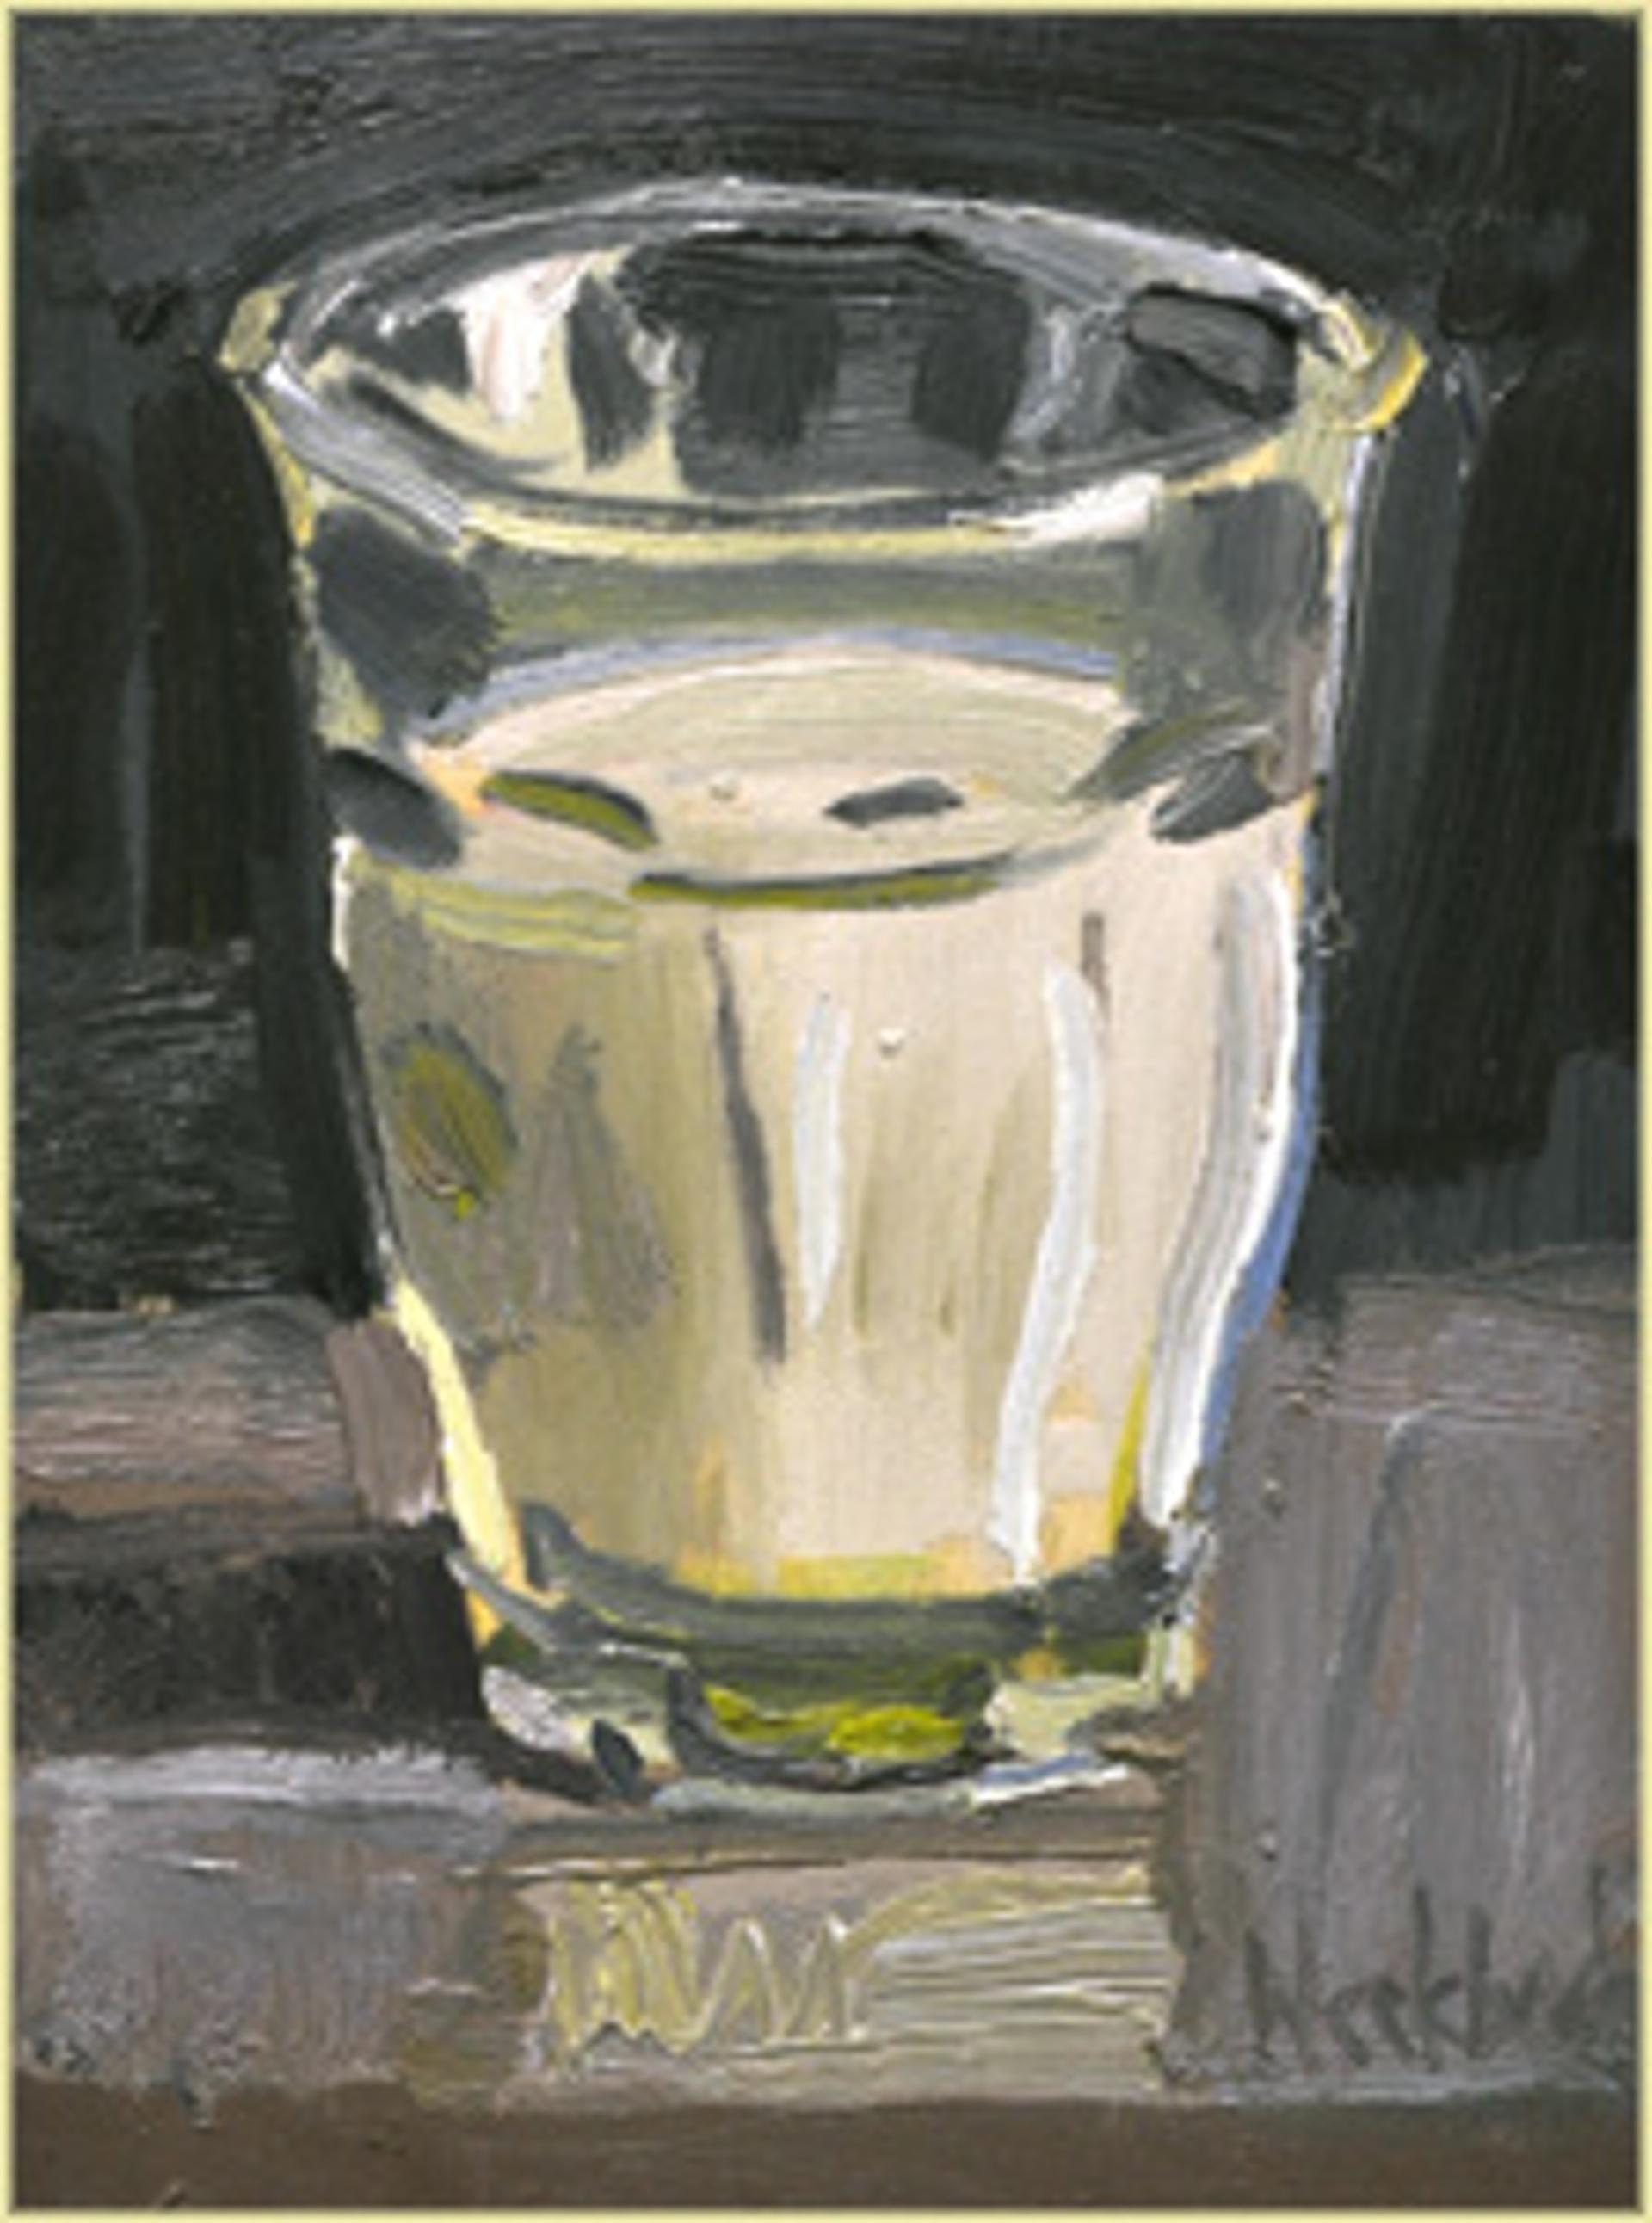 Milk by Kevin Weckbach